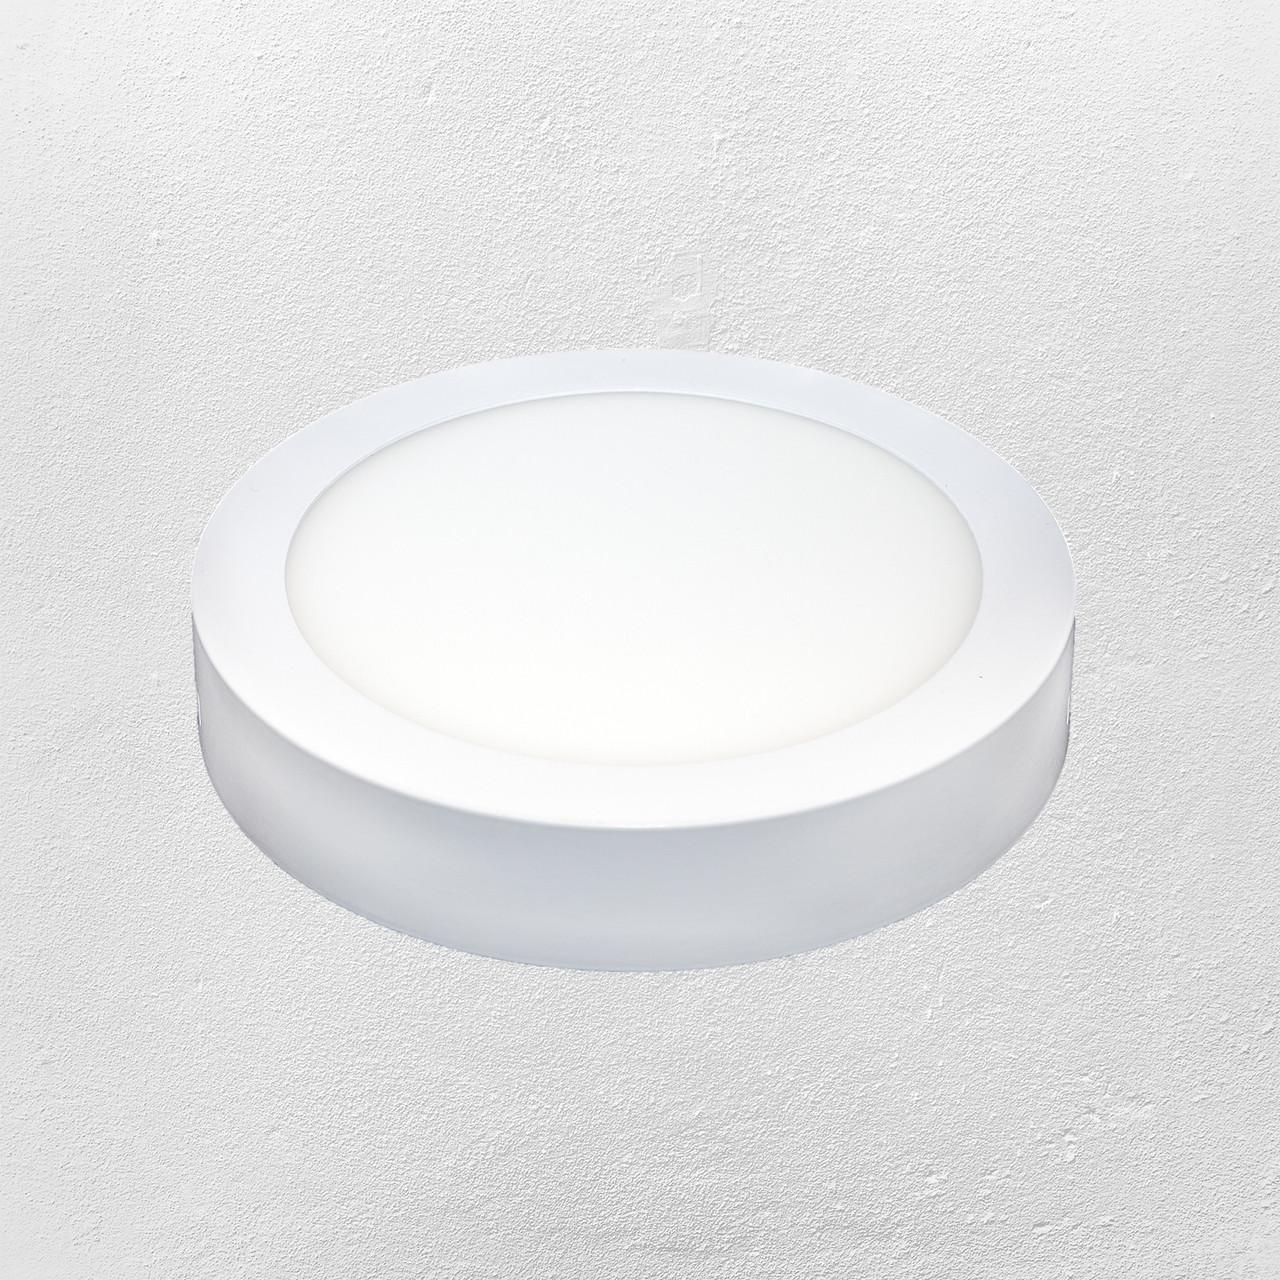 Светодиодный LED точечный накладной светильник 18W (круг) холодный